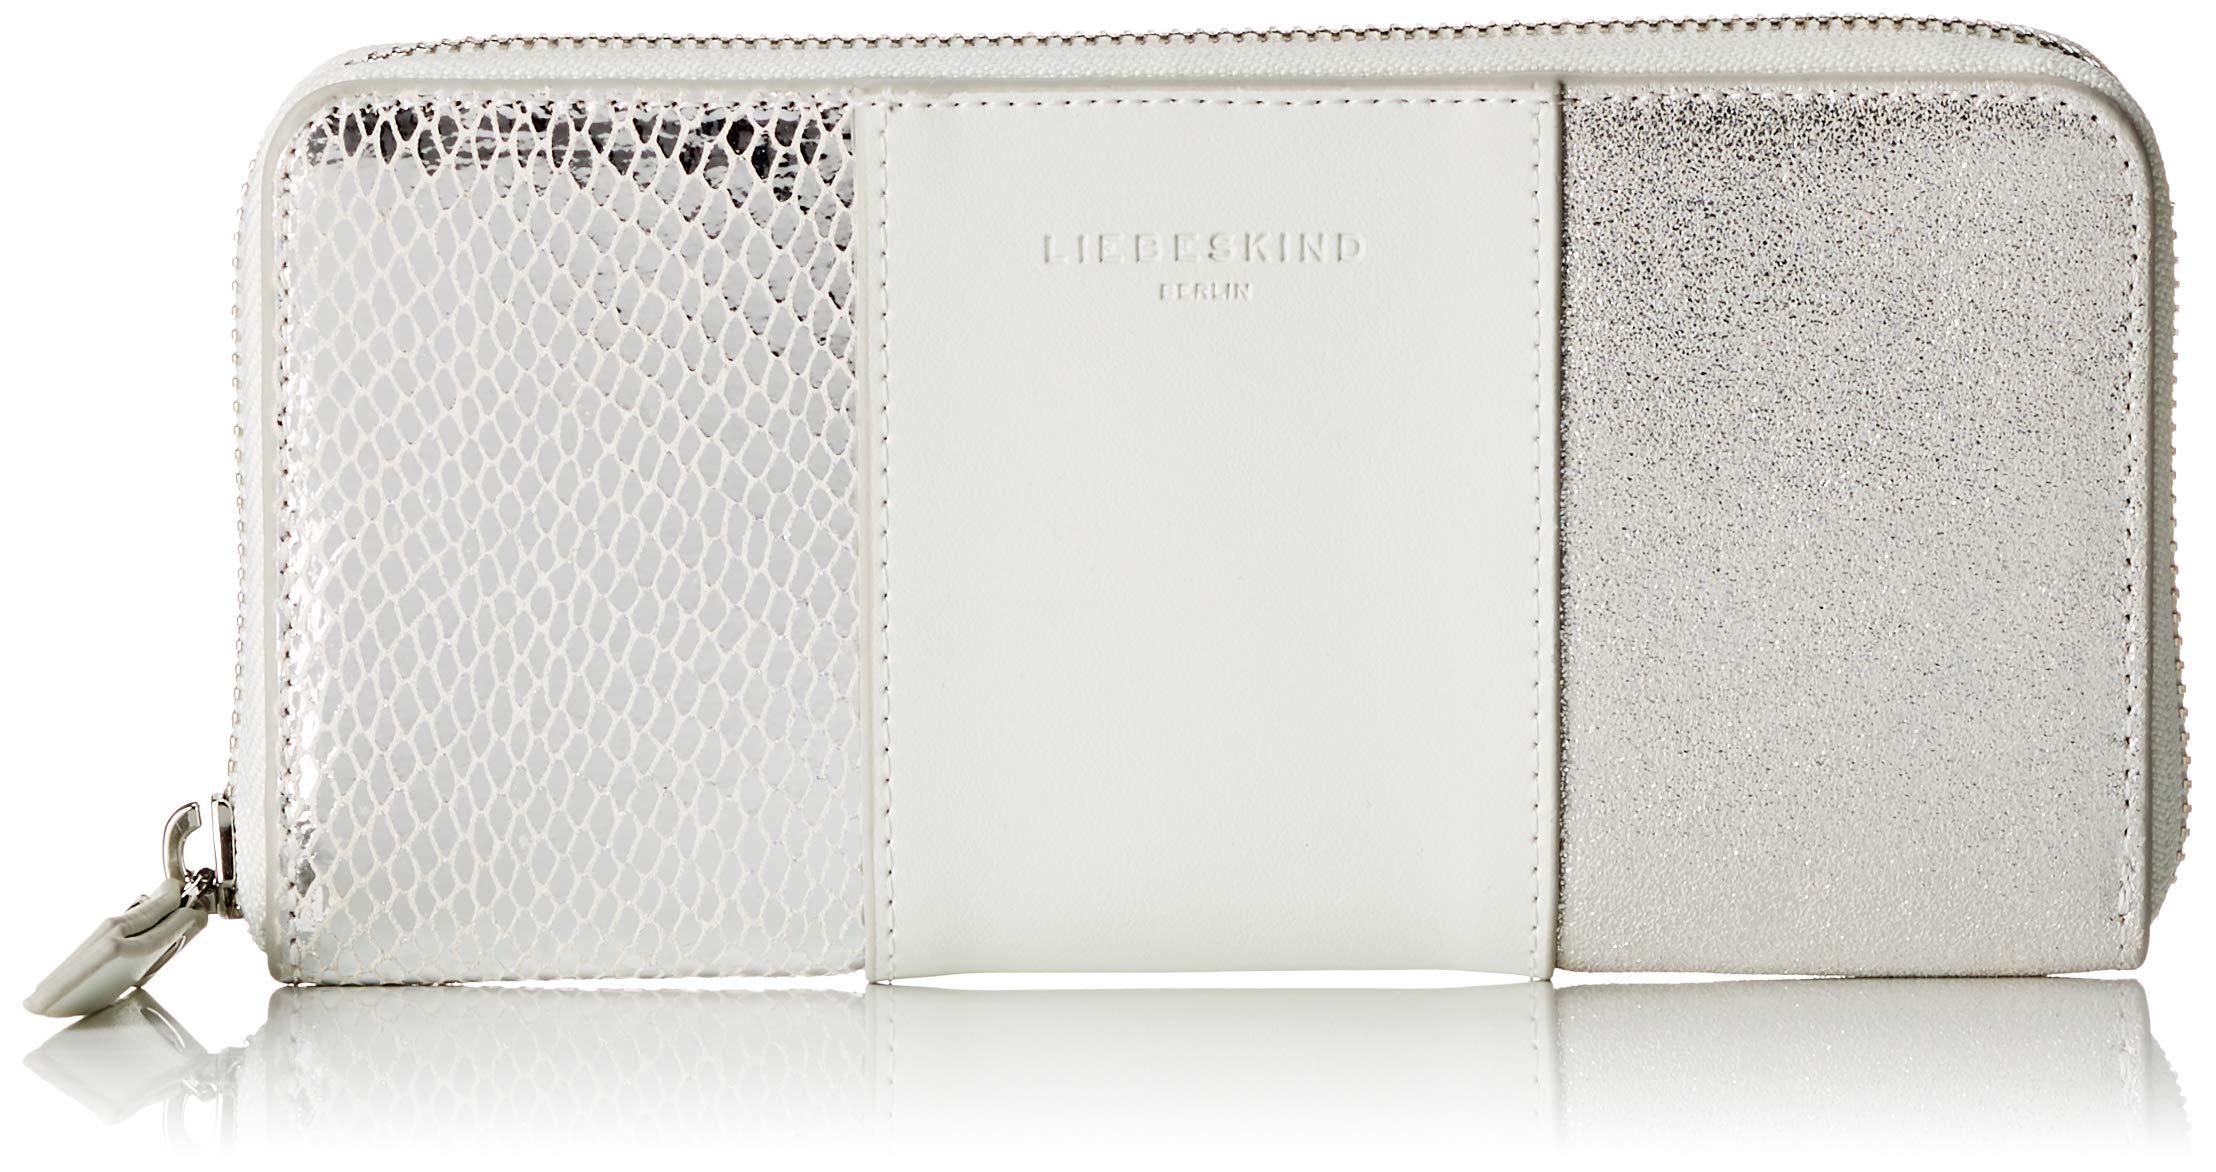 Special White T Liebeskind Centimetersb Wallet Largefemmeportefeuillesblancoptic 2x10x19 H Gigi Berlinvalentine X xoQtdCBshr